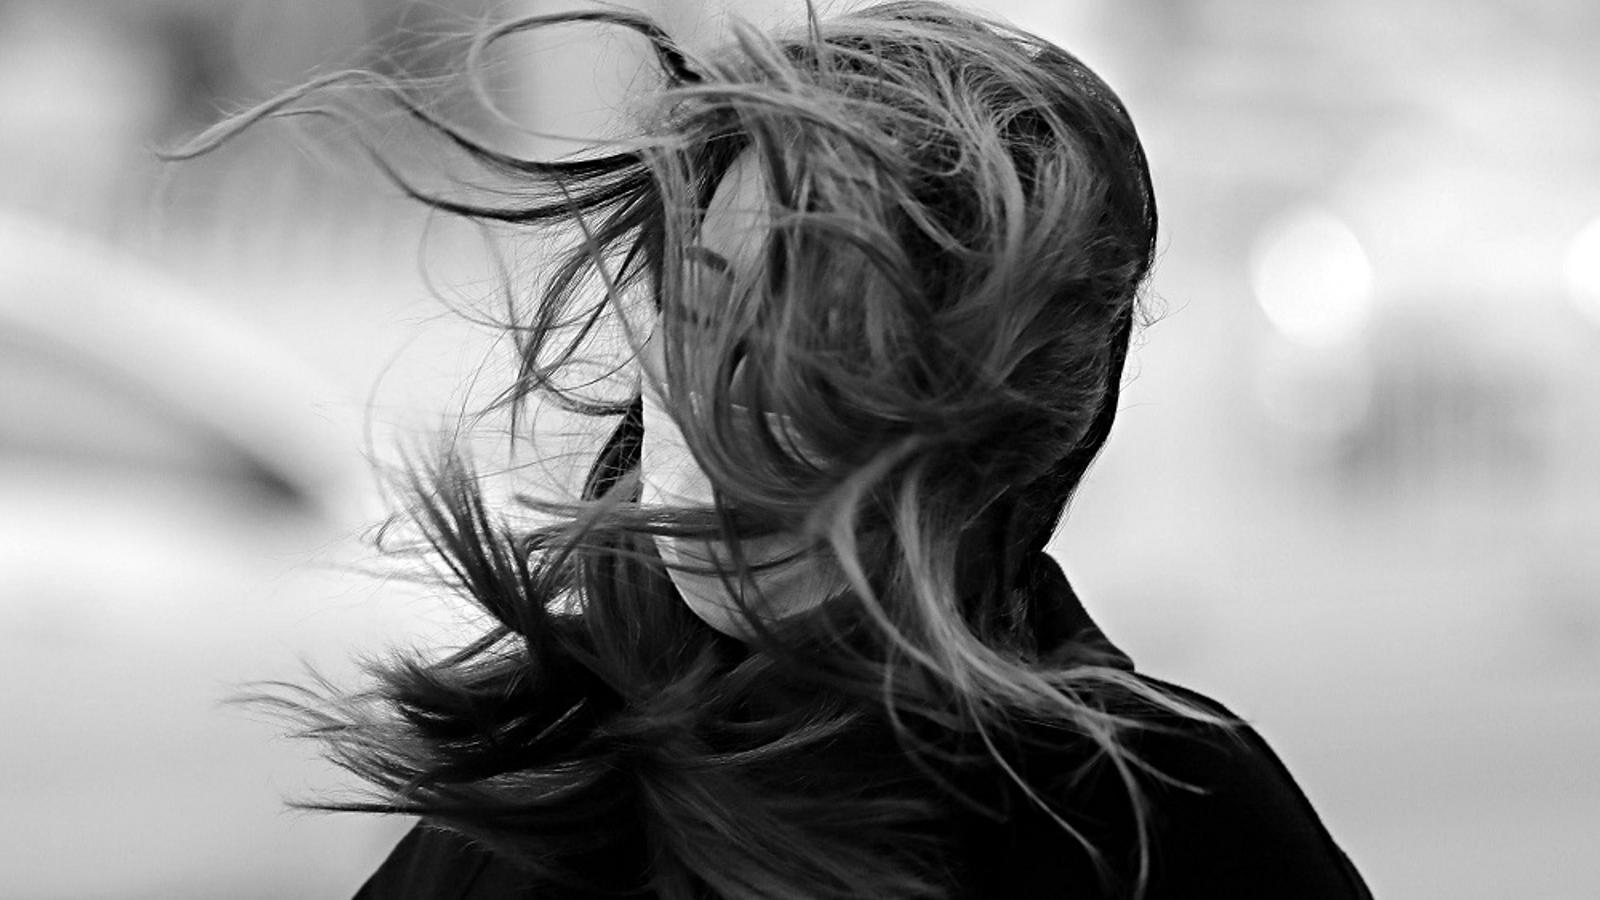 Una dona amb mascareta rep una ventada que li desordena els cabells, a Pequín, el 18 de març de 2020.